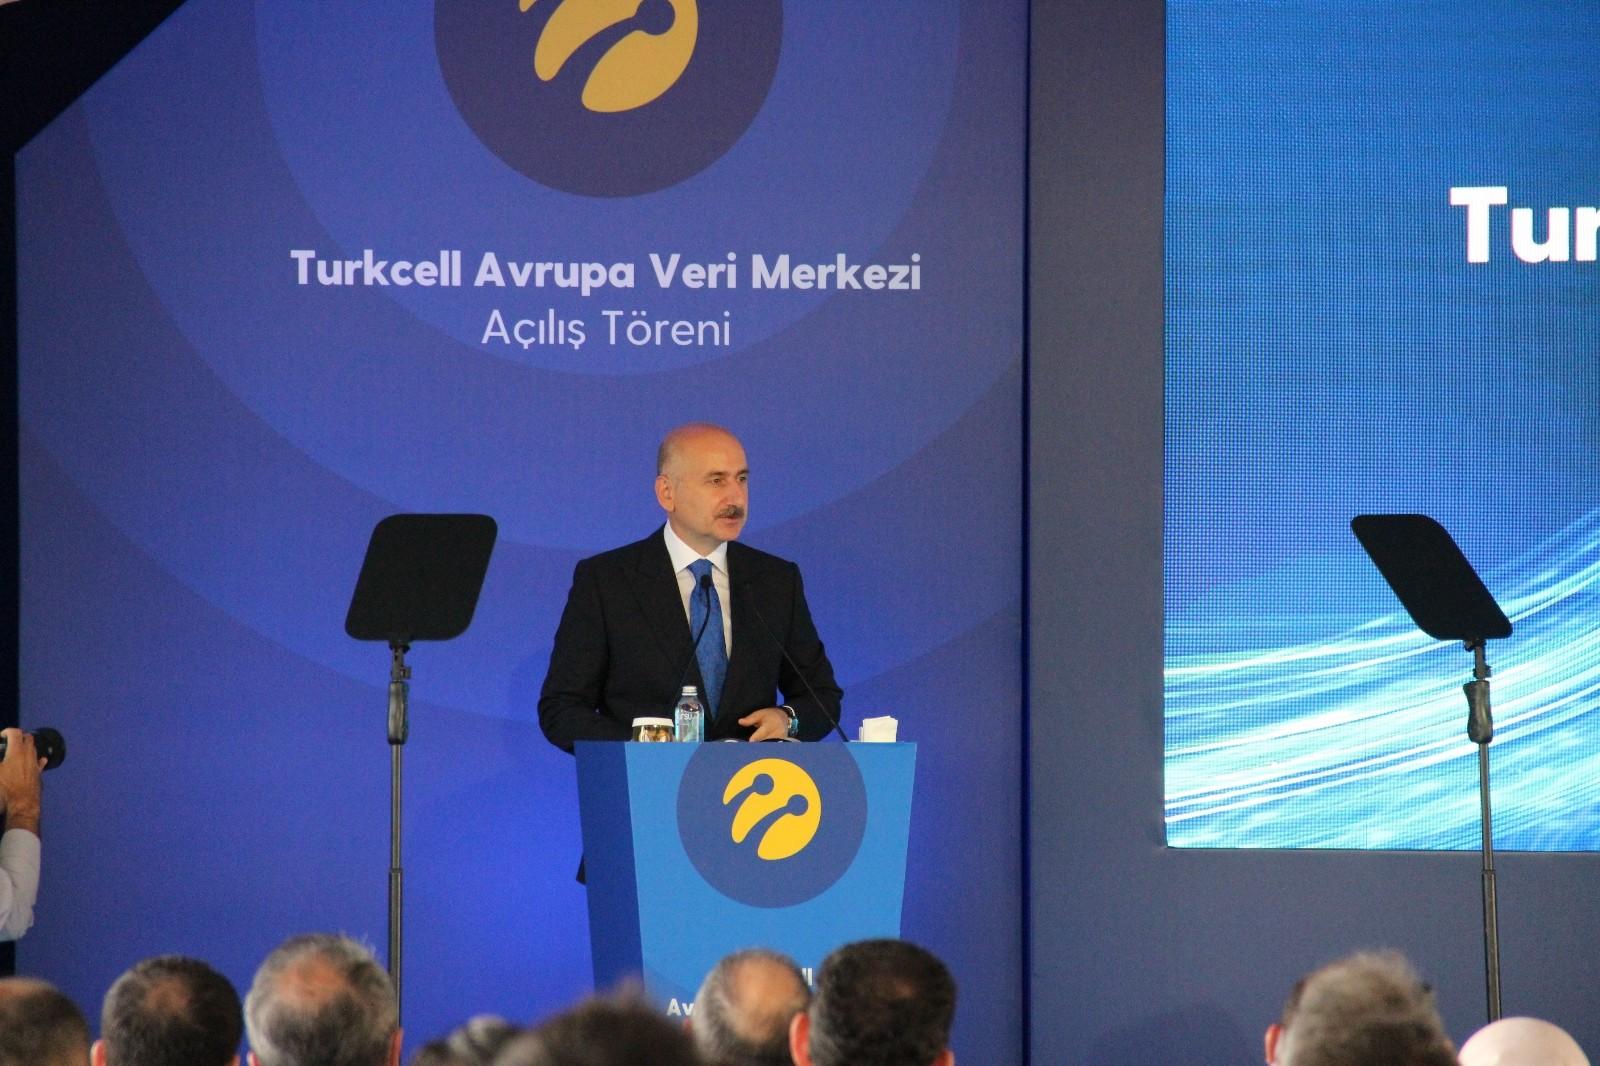 Bakan Karaismailoğlu: ''5G teknolojisine yerli ve millî imkânlarla geçmeye emin adımlarla ilerliyoru